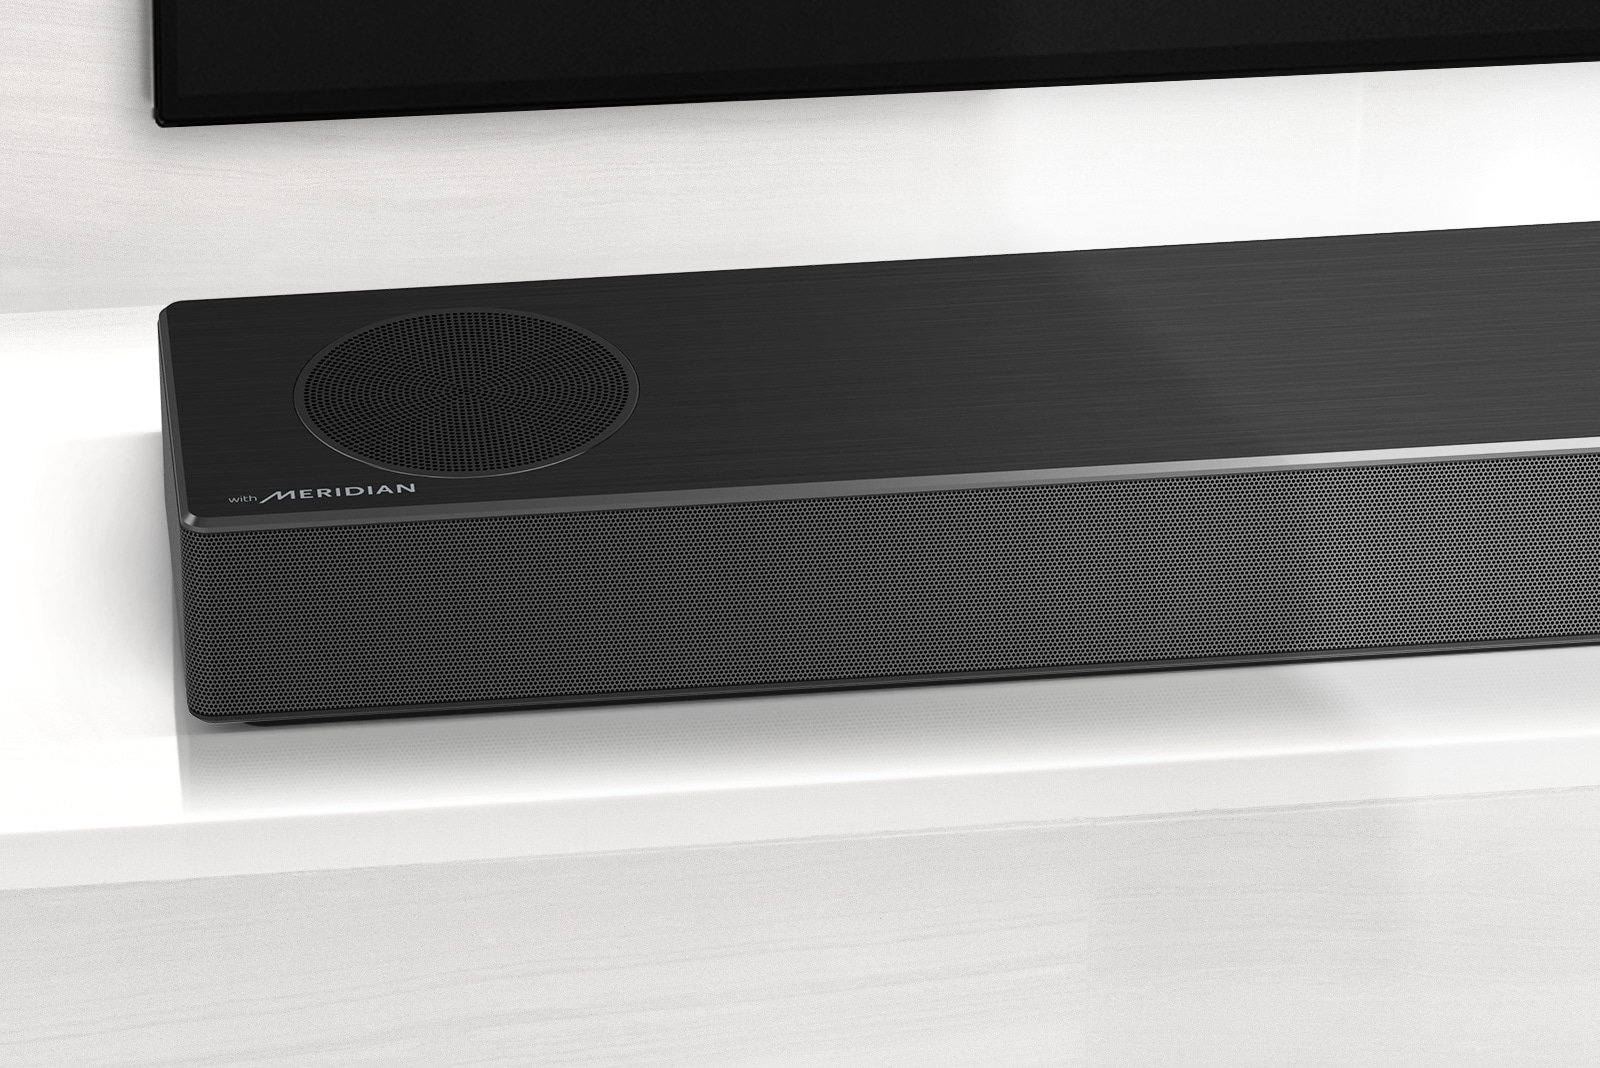 Close-up van LG Soundbar linksonder met Meridian-logo in de linkerbenedenhoek. Linksonder is ook de tv te zien.